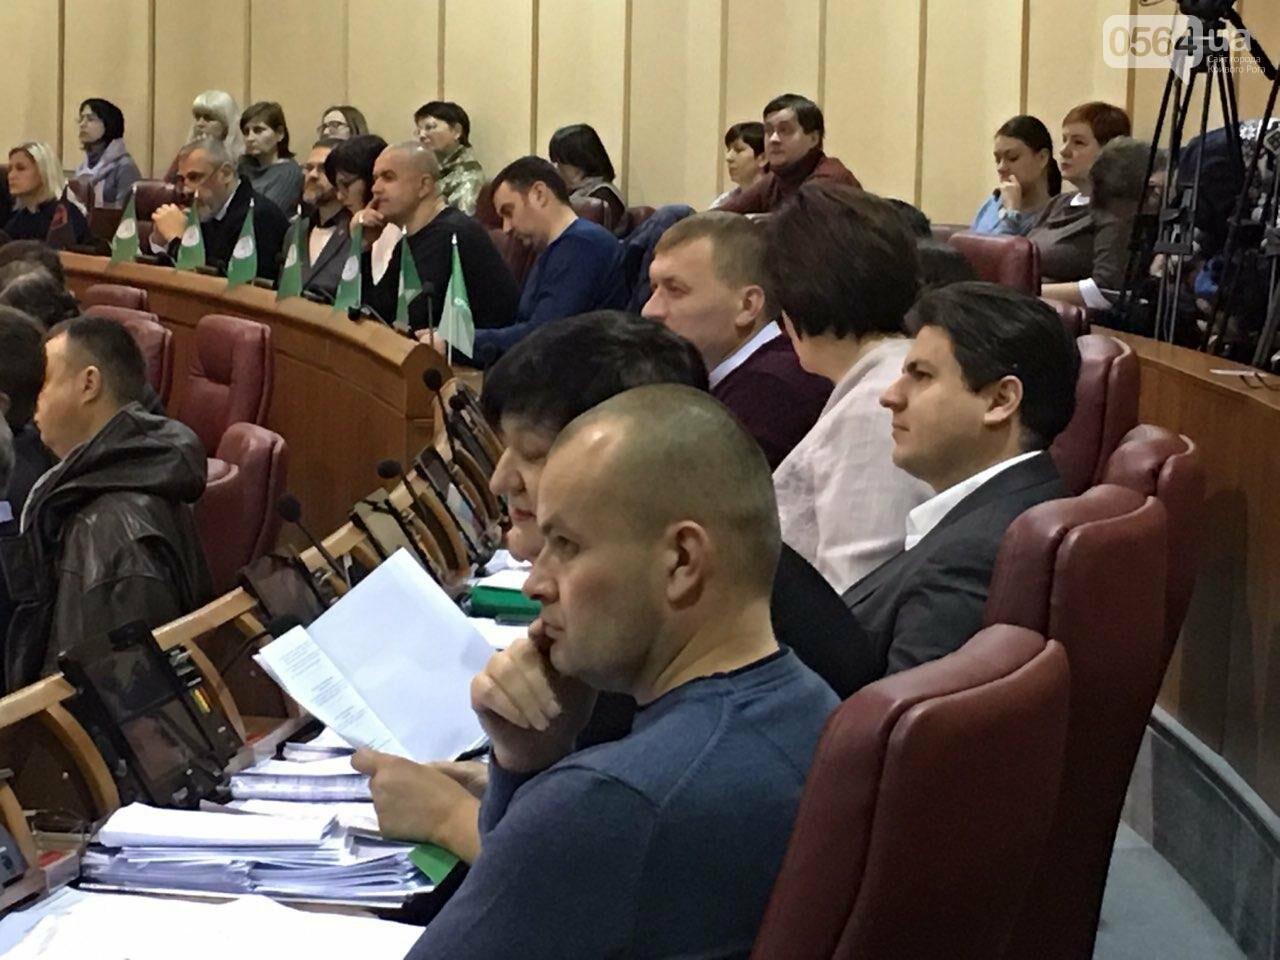 На что криворожские депутаты предлагают потратить почти 7,5 миллиардов из бюджета города, - ФОТО, фото-2